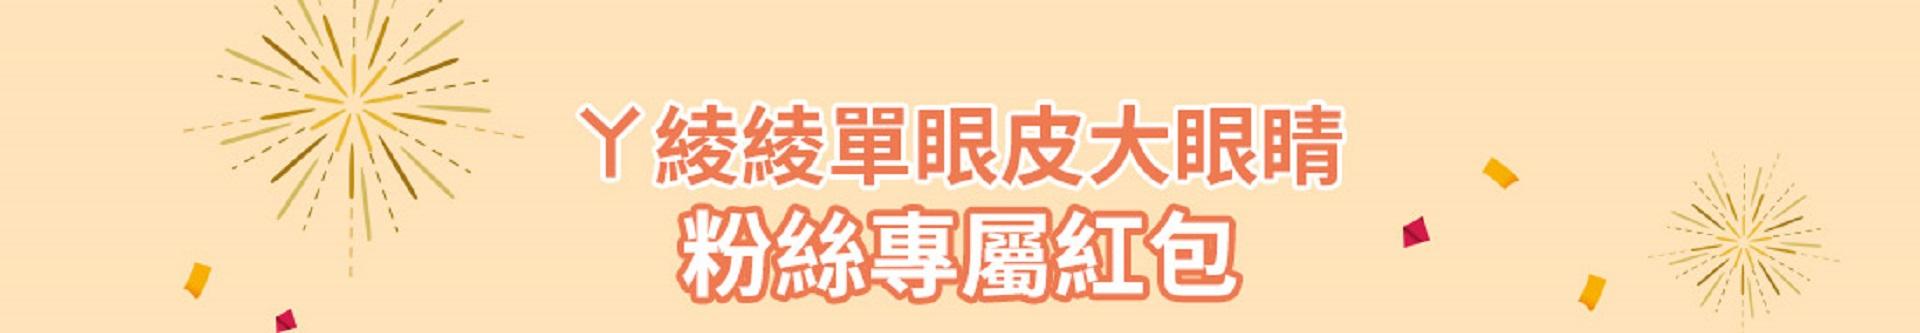 OB嚴選旗艦店進駐新竹晶品城!全台最大旗艦店,買衣服還可以喝咖啡!粉絲獨家優惠200元紅包領起來